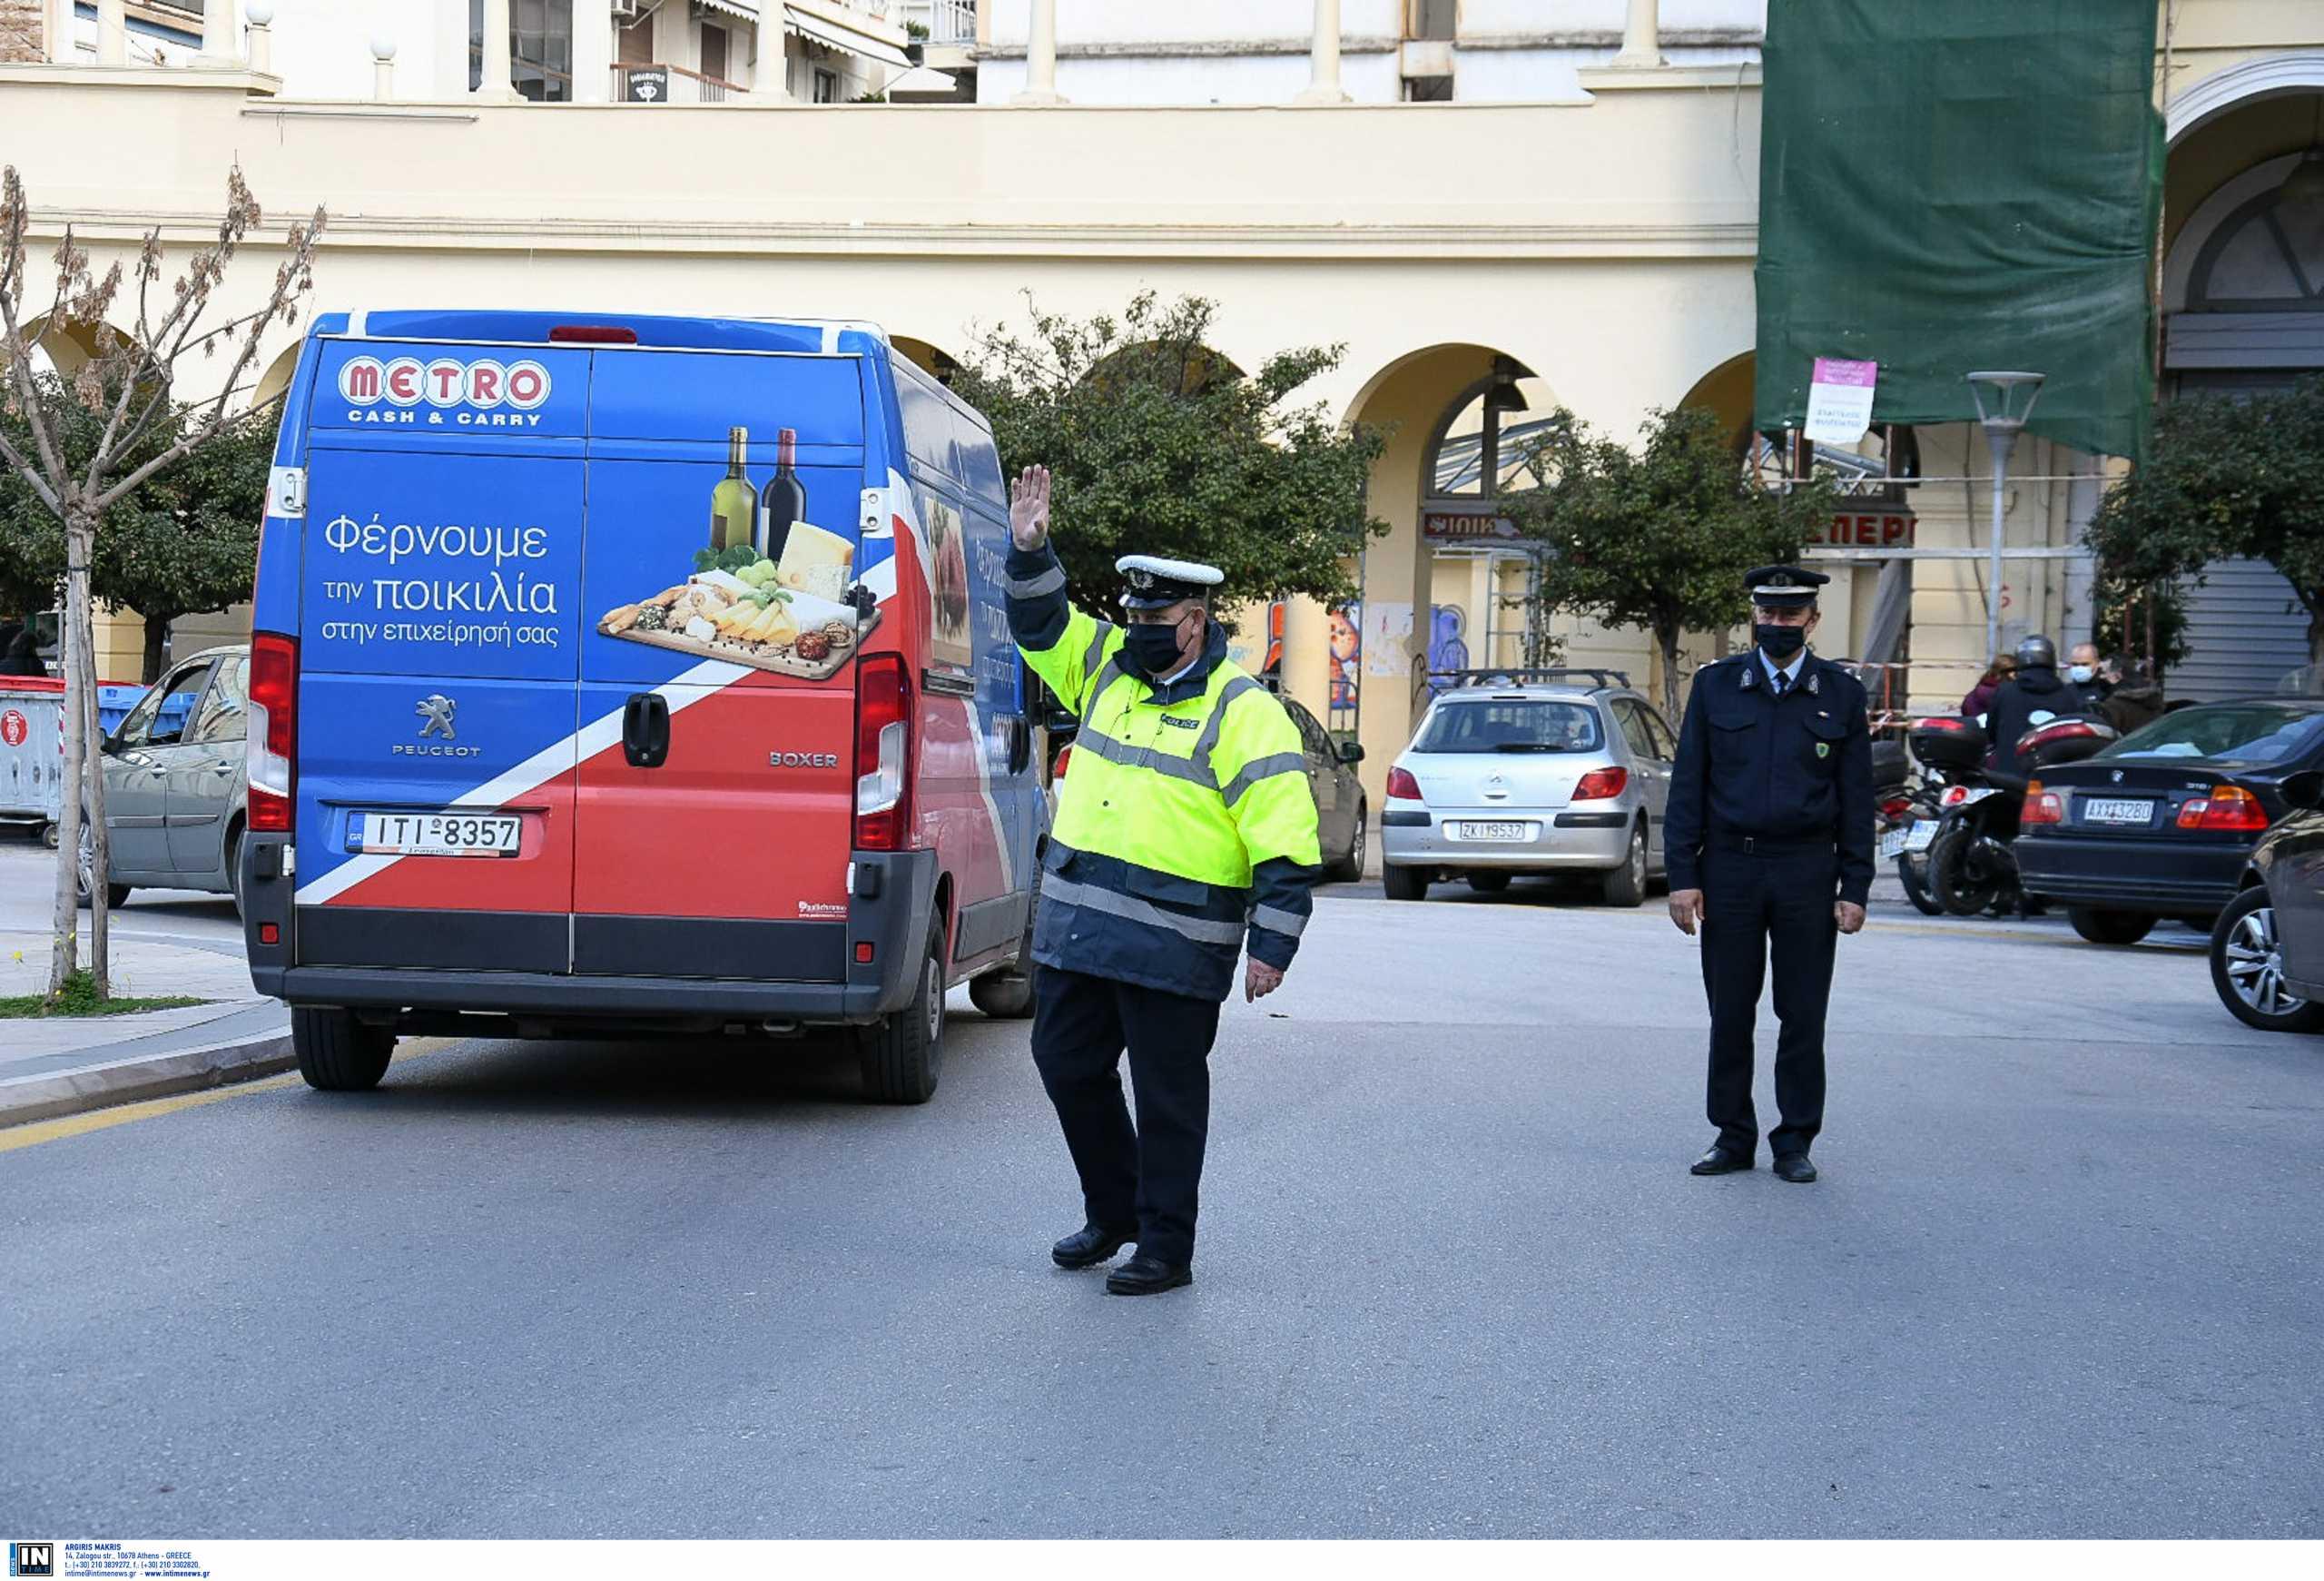 Θεσσαλονίκη: Χειροπέδες και πρόστιμα για παραβιάσεις του lockdown